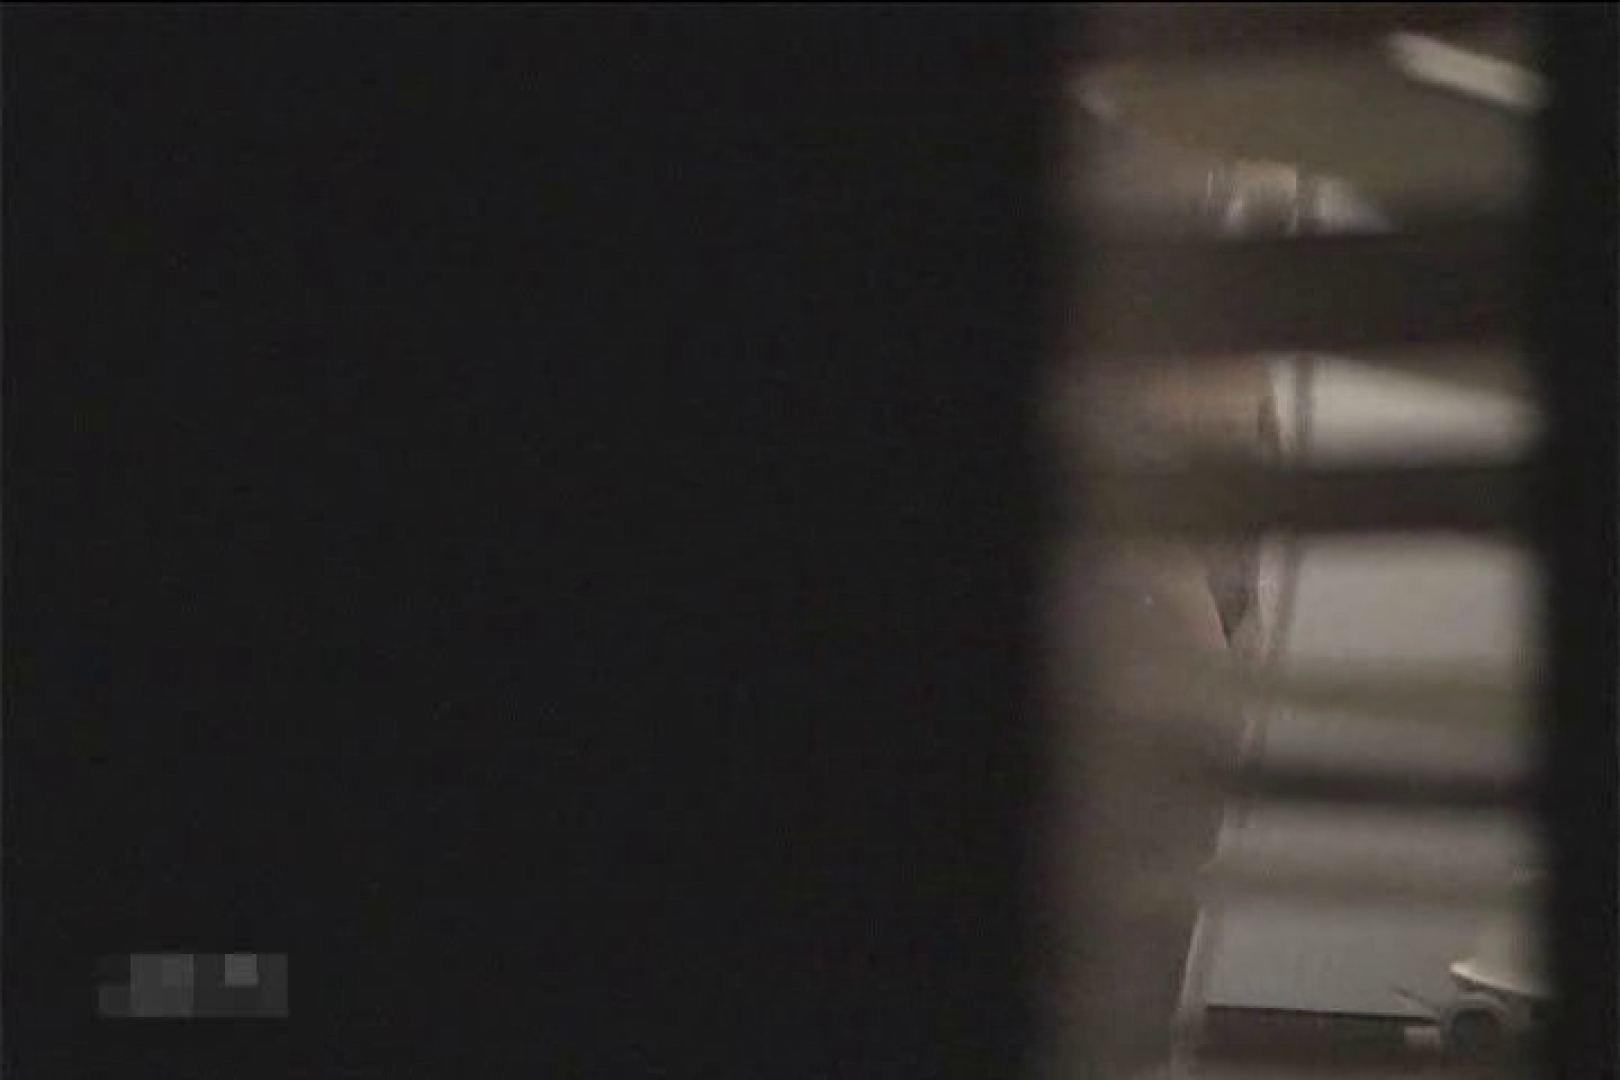 深夜の撮影会Vol.5 クリトリス満開 オマンコ動画キャプチャ 85連発 23